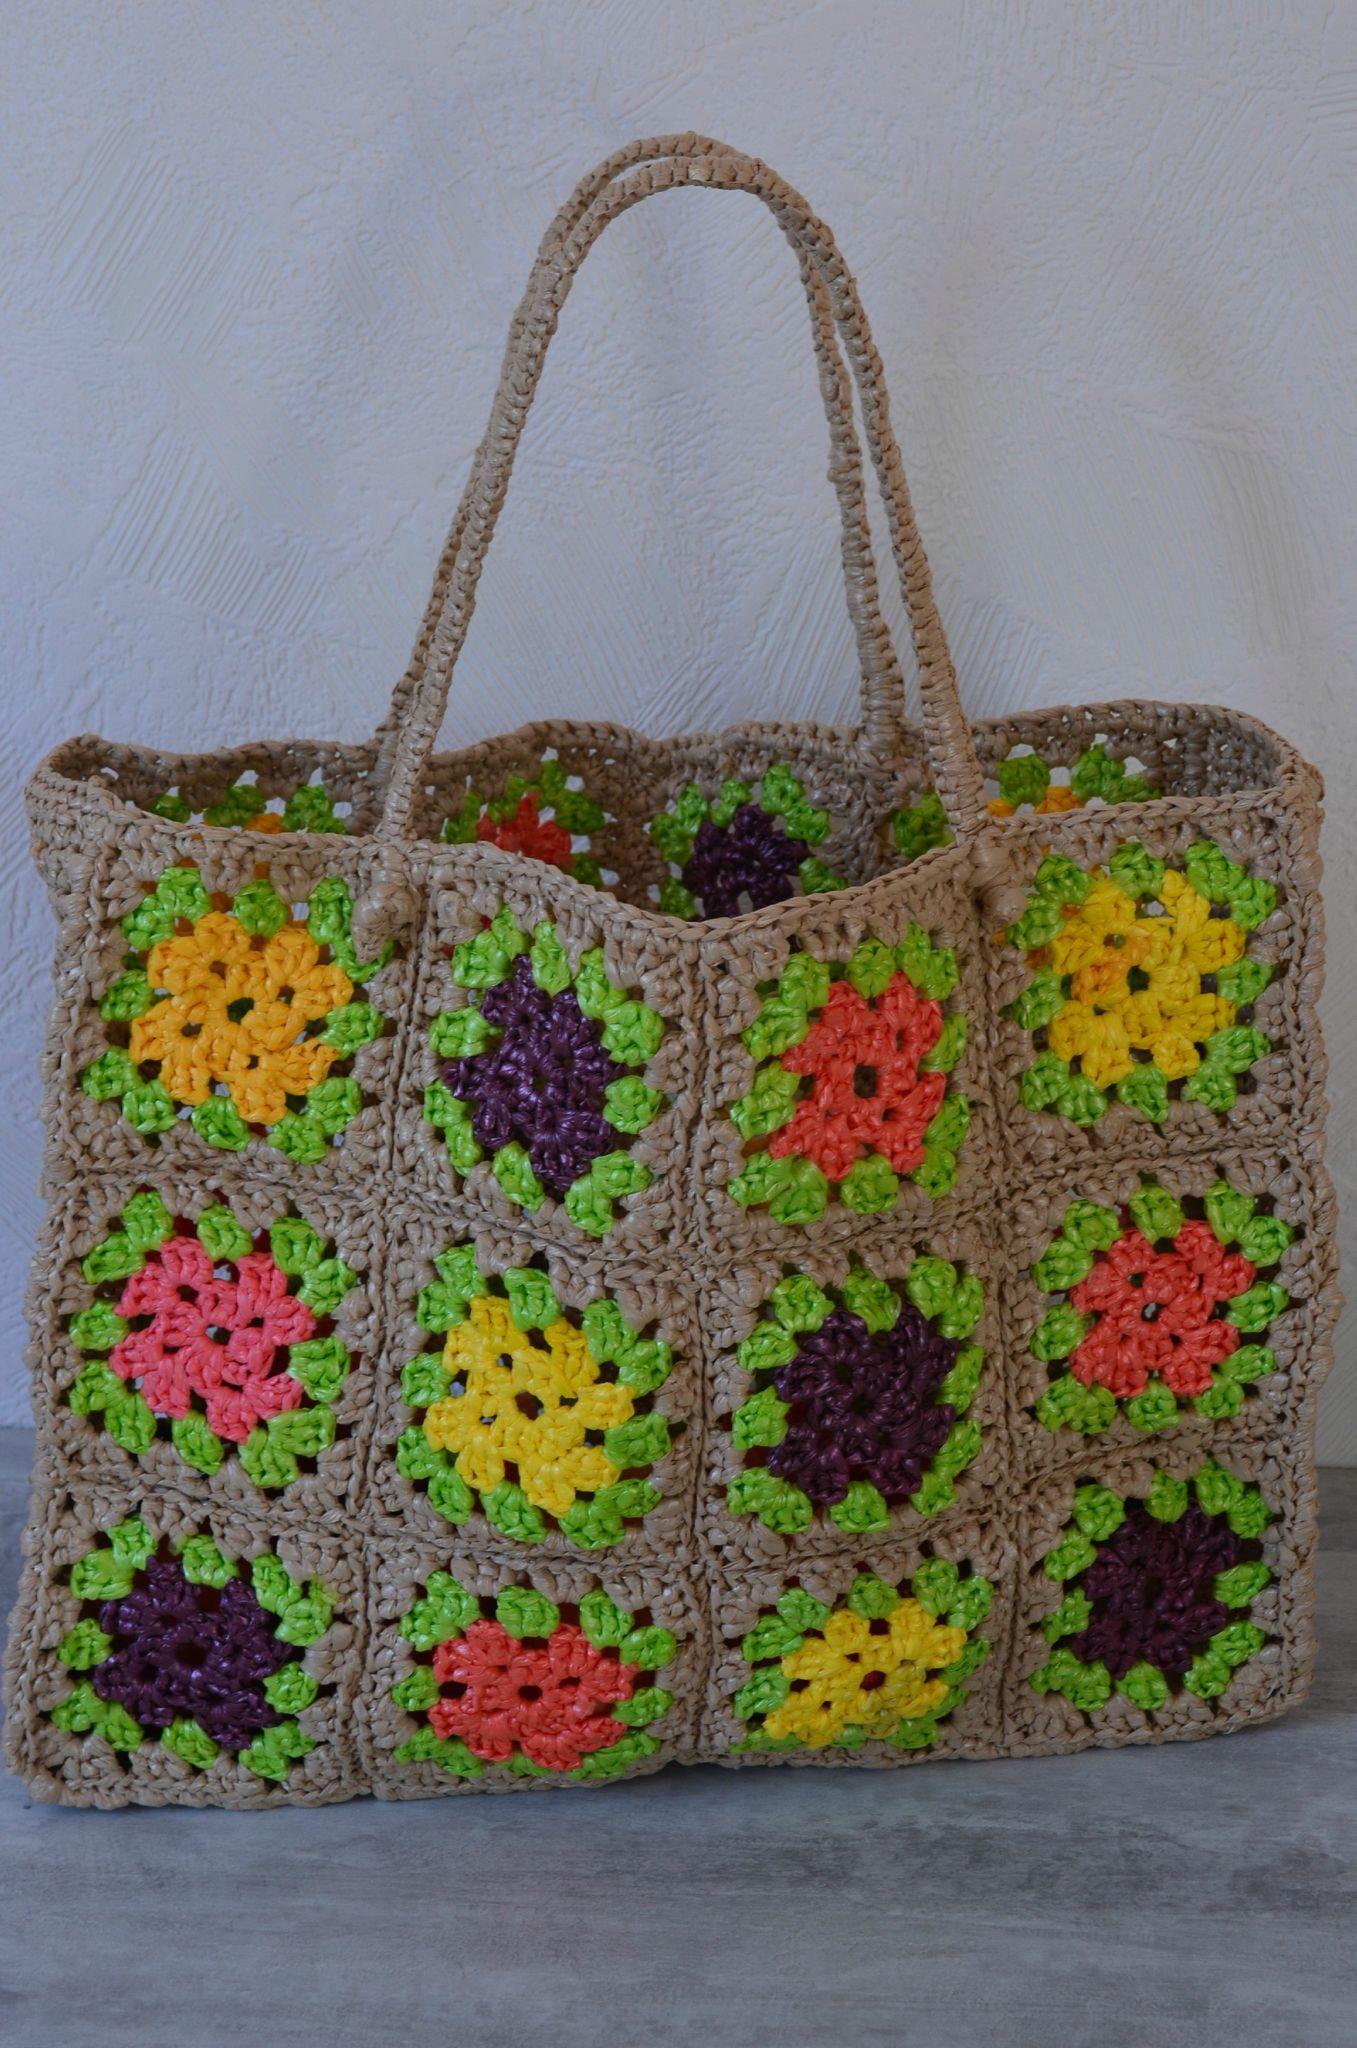 cabas en sacs plastique crochet s recyclage pinterest sac plastique cabas et plastique. Black Bedroom Furniture Sets. Home Design Ideas